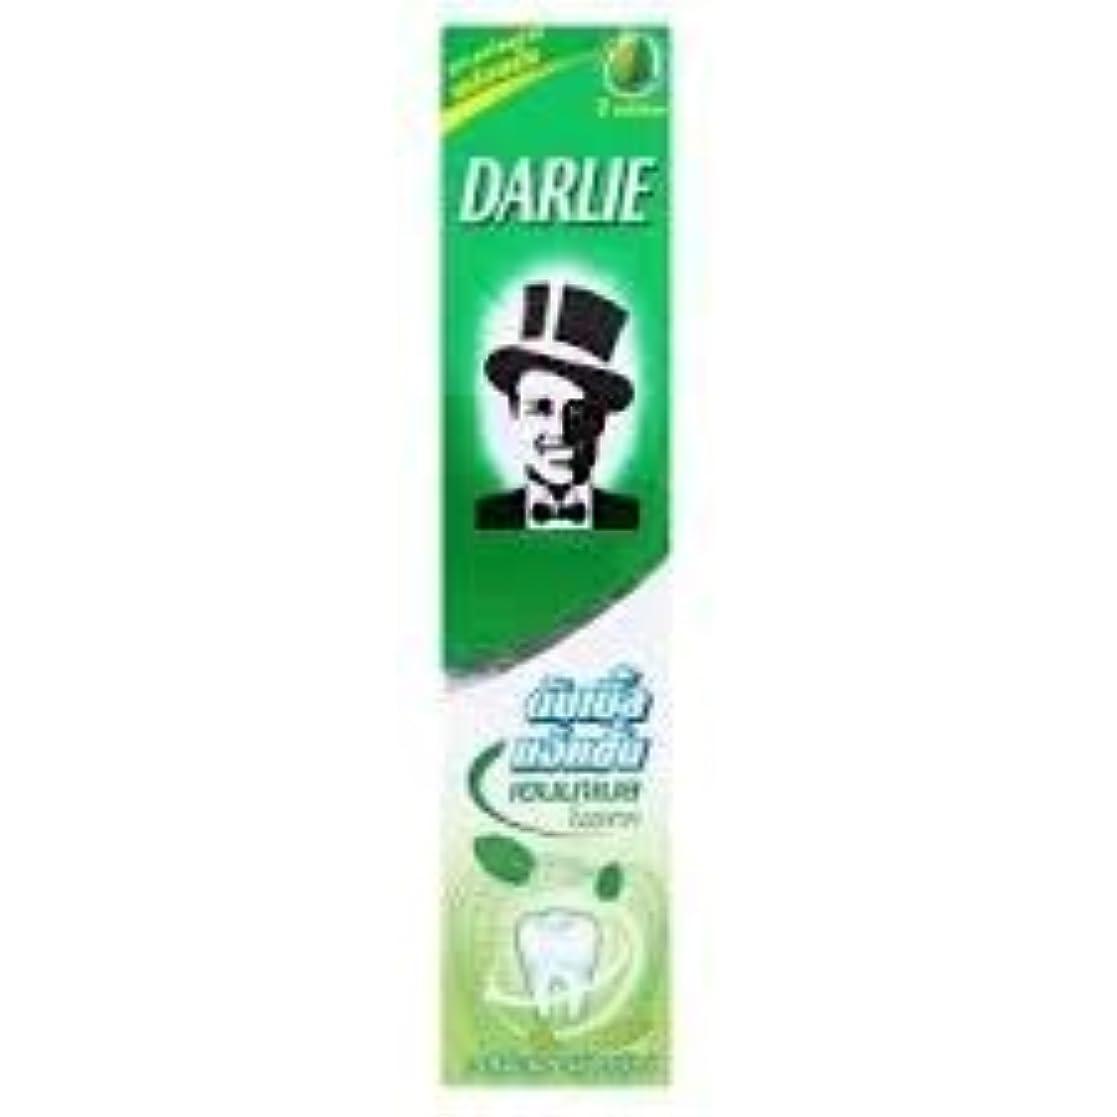 習熟度構成栄光のDARLIE 歯磨き粉エナメルは強力なミントを保護します200g - 私達の元の強いミントの味とあなたの呼吸のミントを新しく保ちます